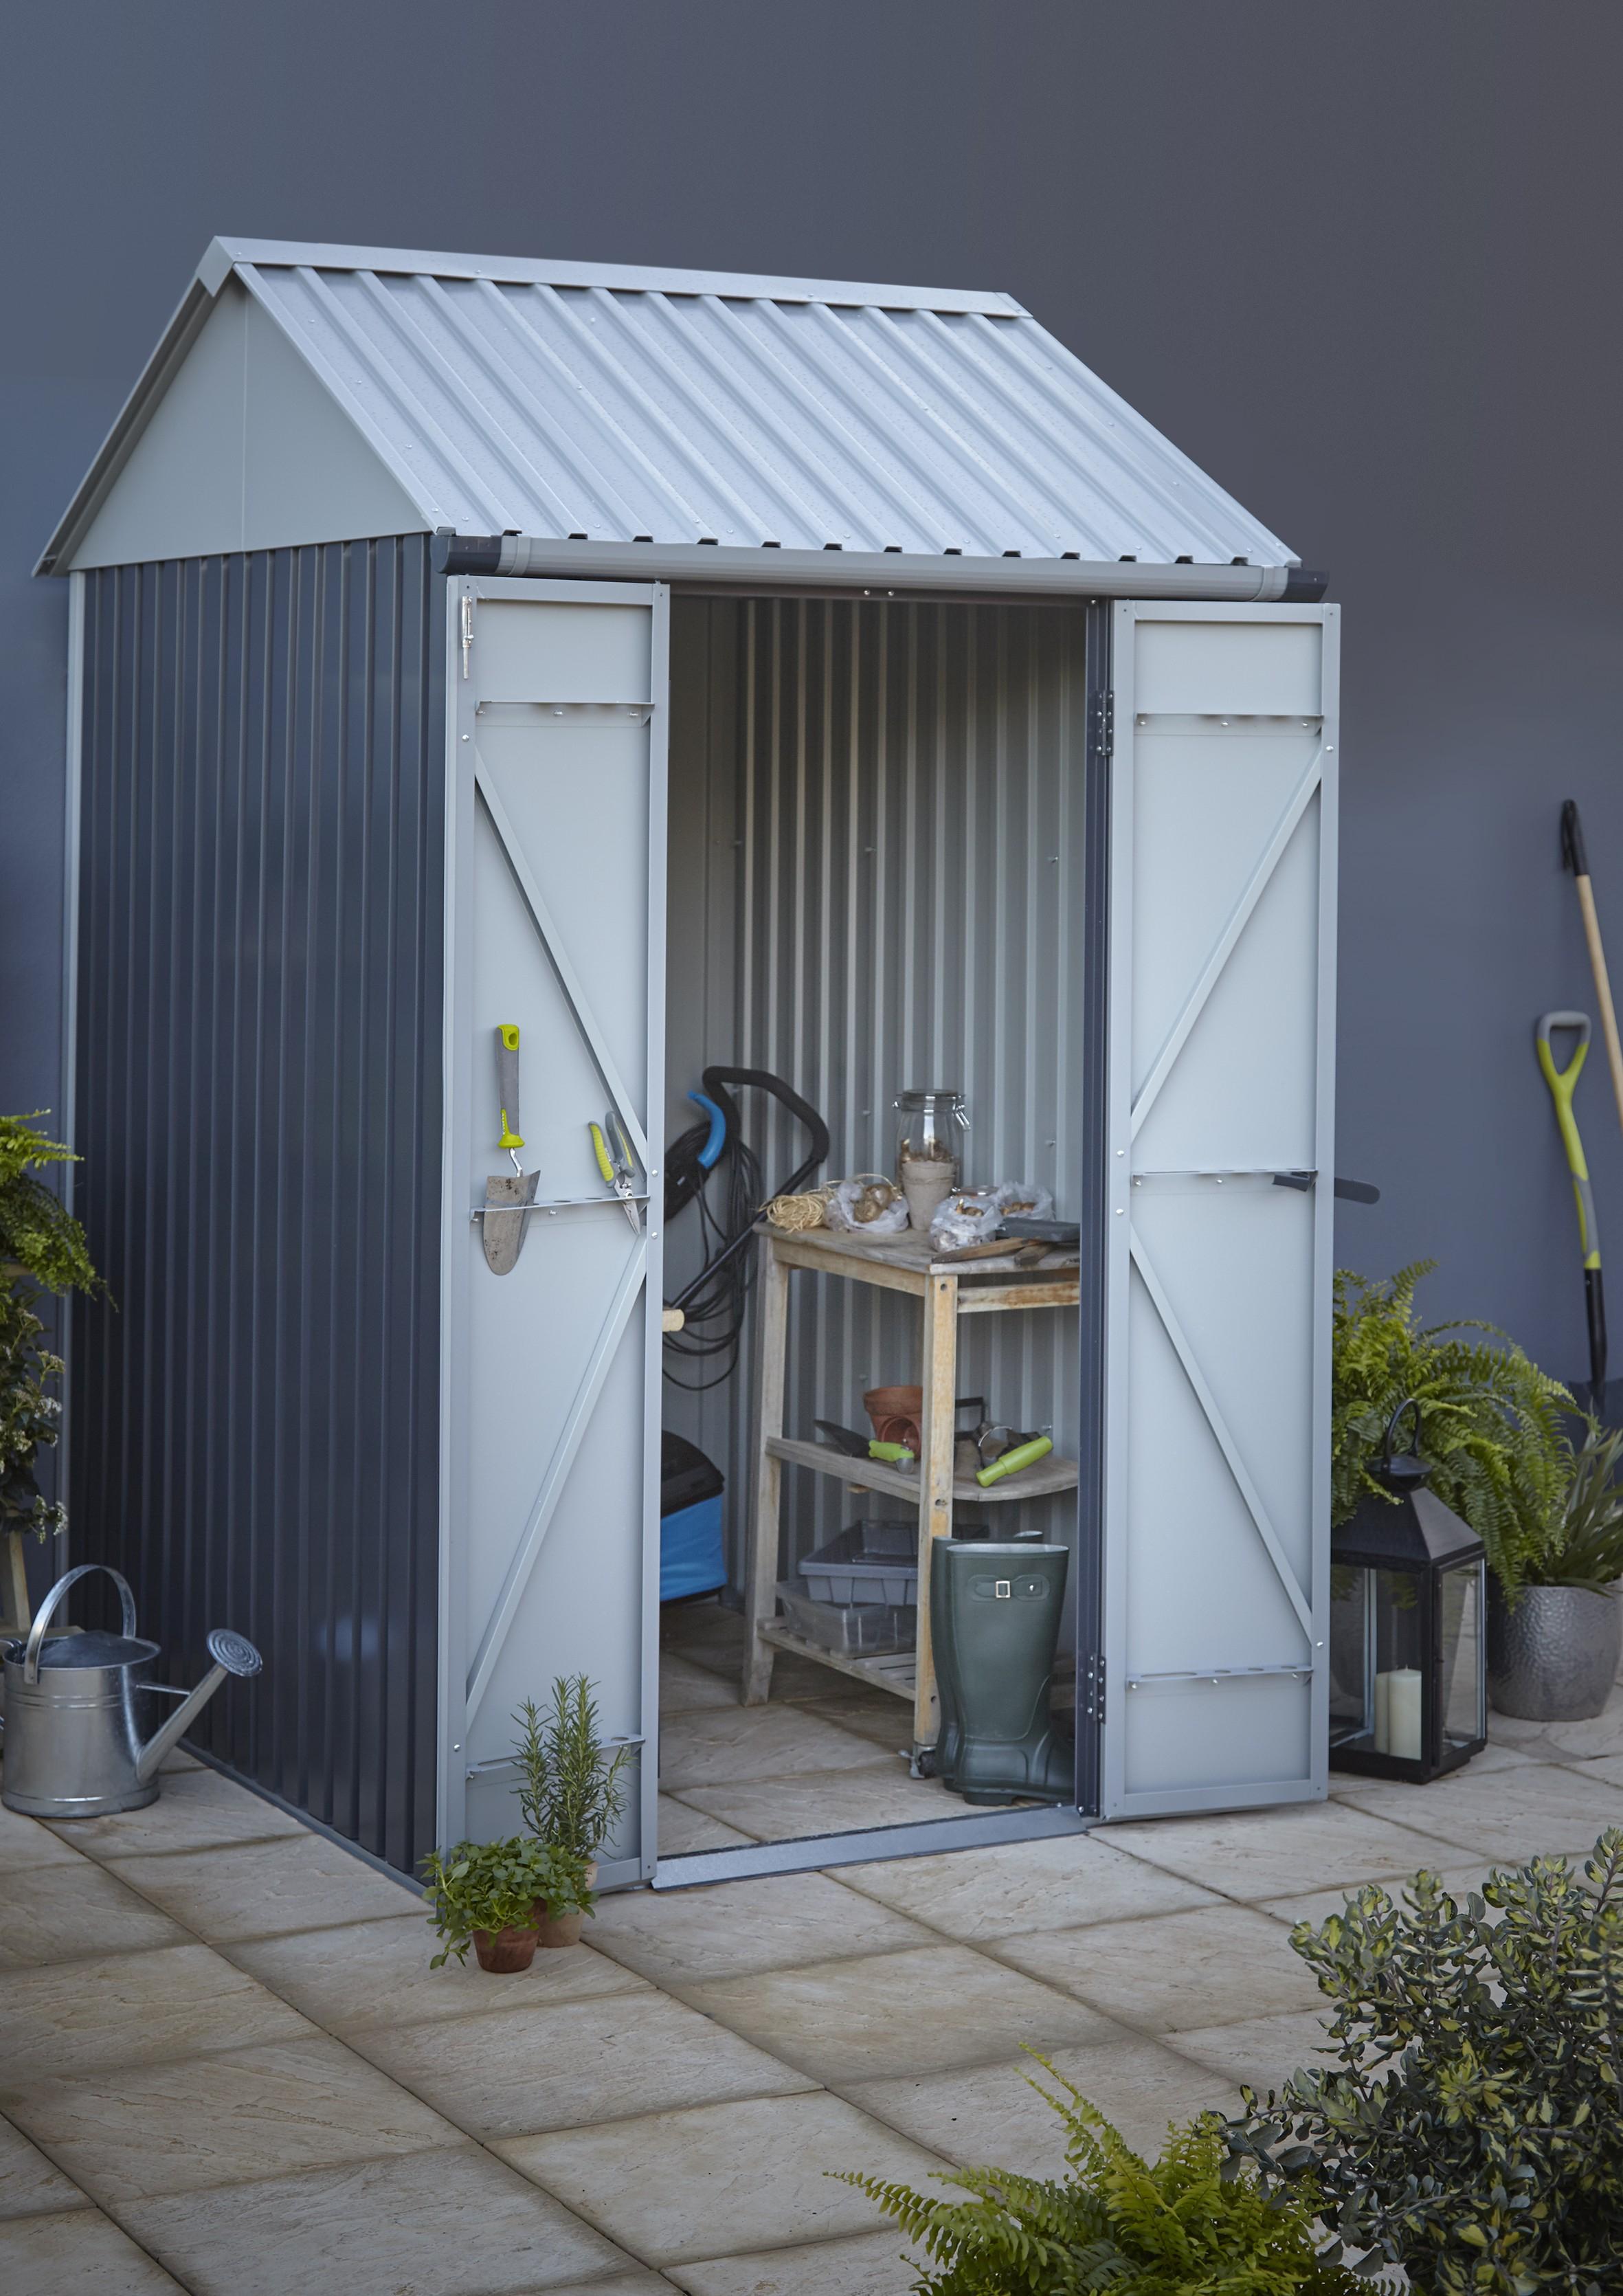 Abris Jardin Castorama Élégant Galerie Abri De Jardin Castorama Pour Prévu 20 Nouveau Chalet De Jardin